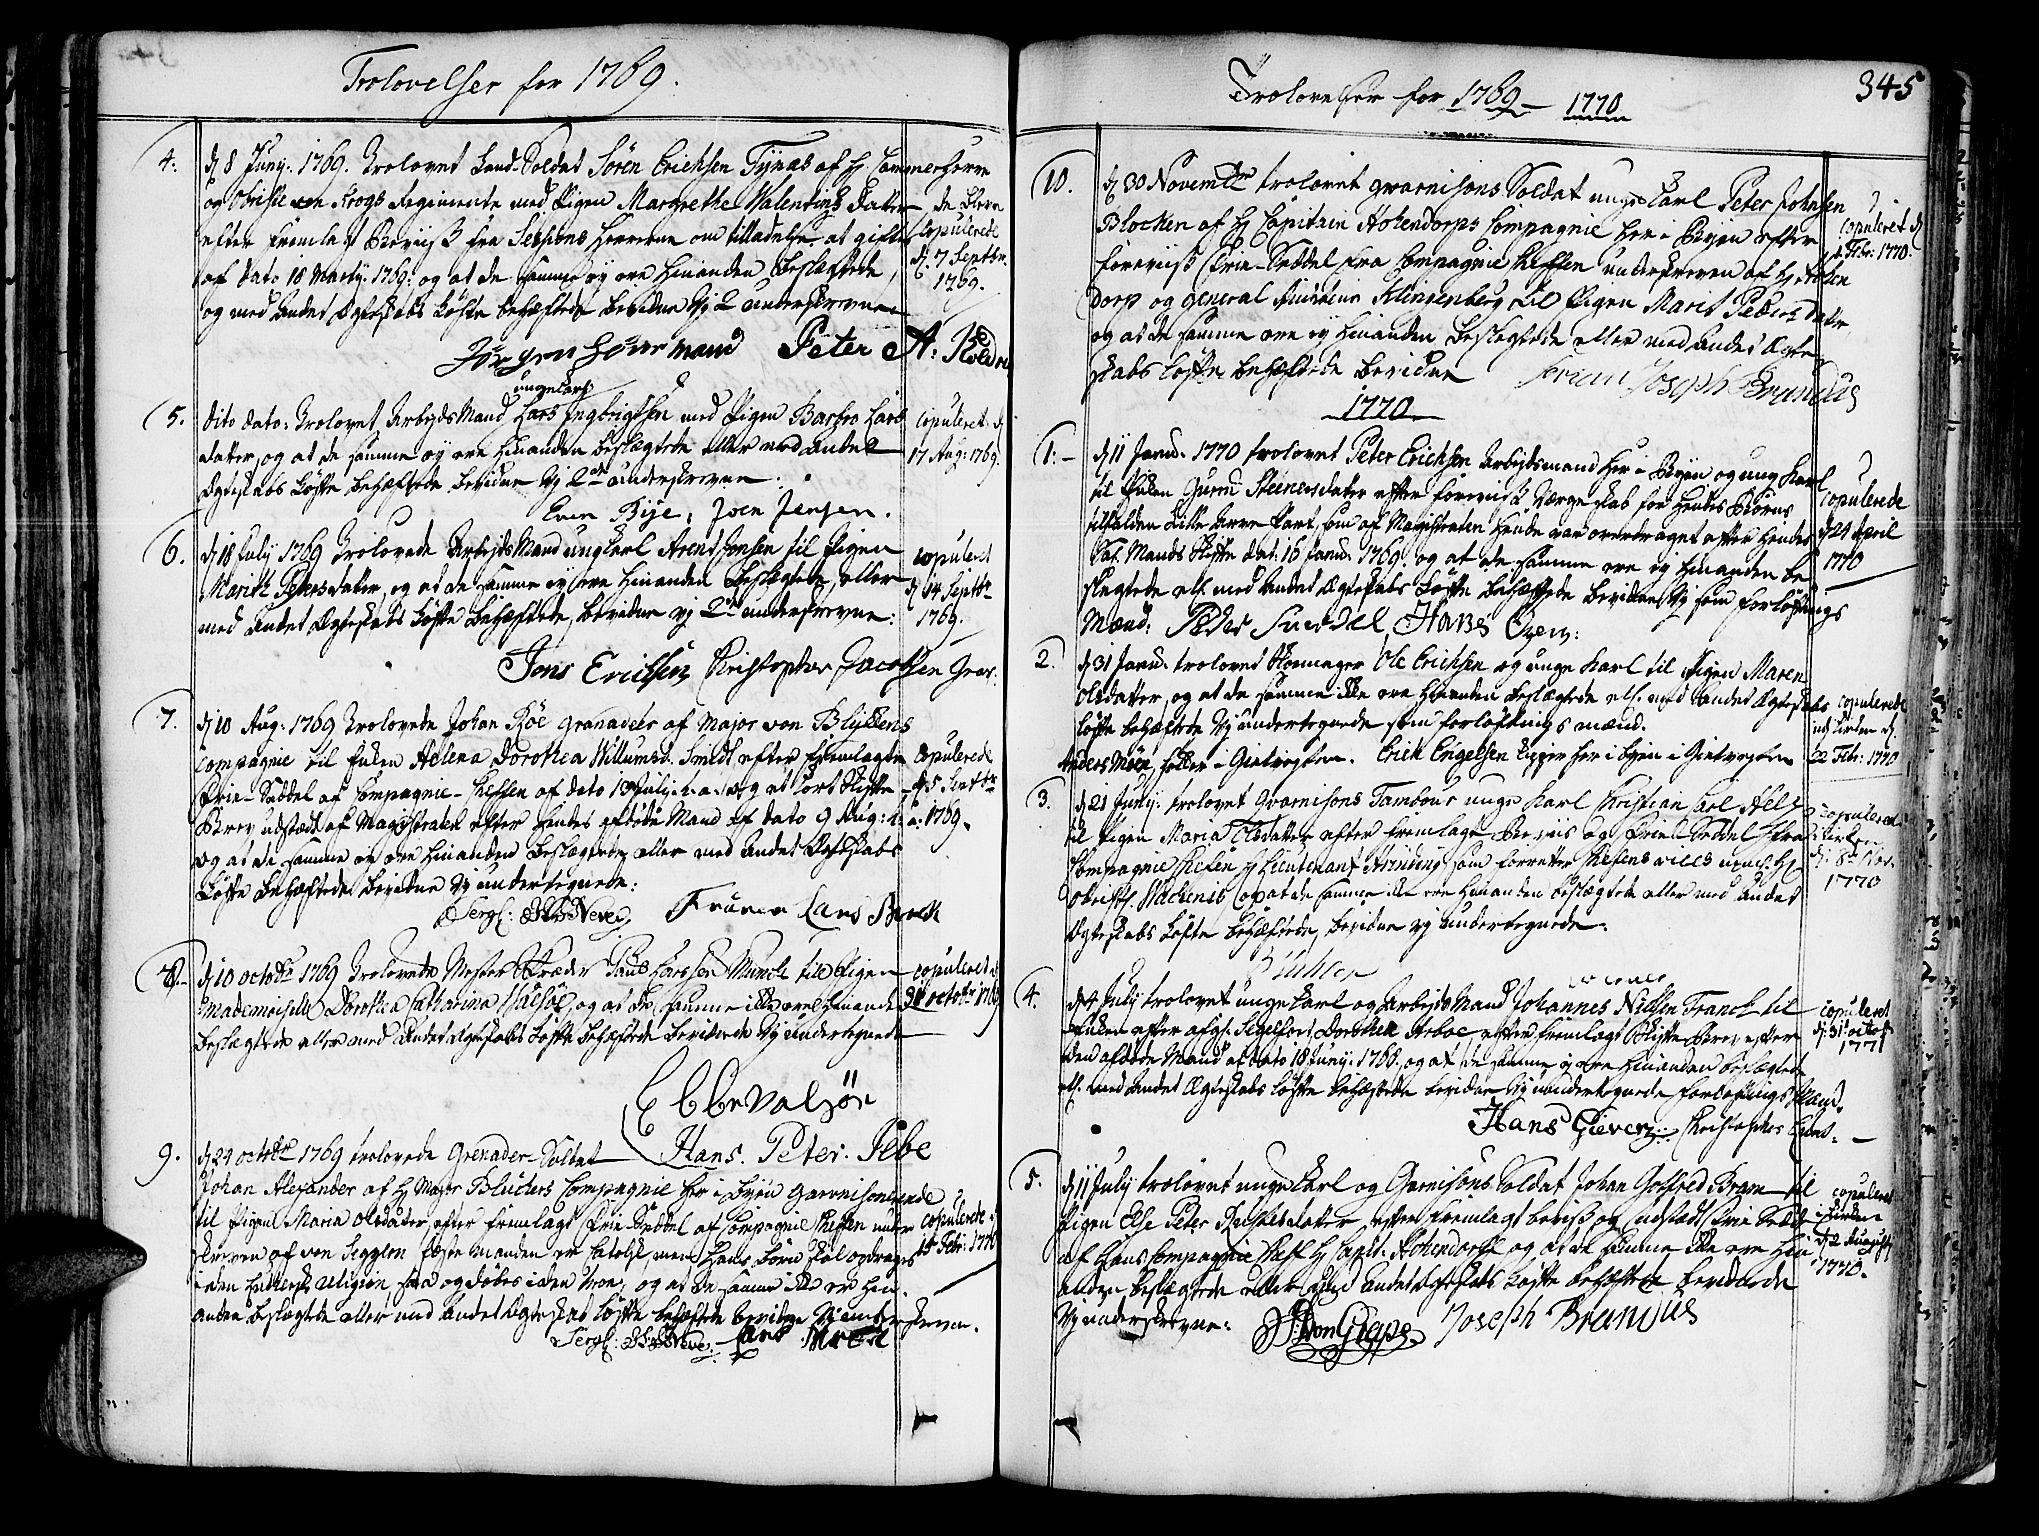 SAT, Ministerialprotokoller, klokkerbøker og fødselsregistre - Sør-Trøndelag, 602/L0103: Ministerialbok nr. 602A01, 1732-1774, s. 345